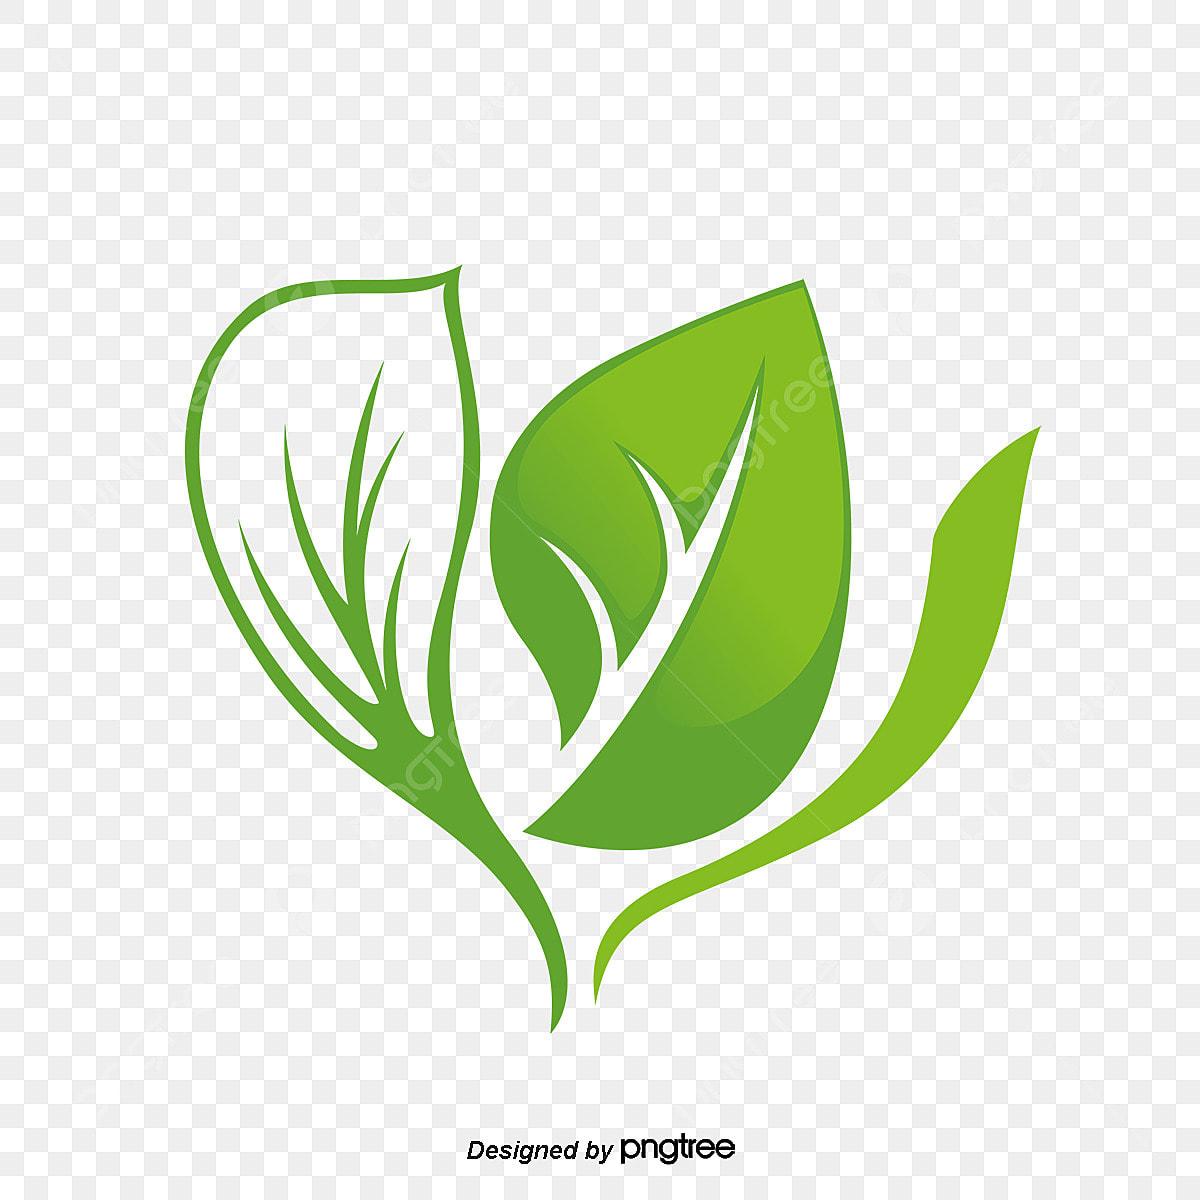 تصميم شعار ورقة خضراء اوراق خضراء شعار حماية البيئة Png وملف Psd للتحميل مجانا